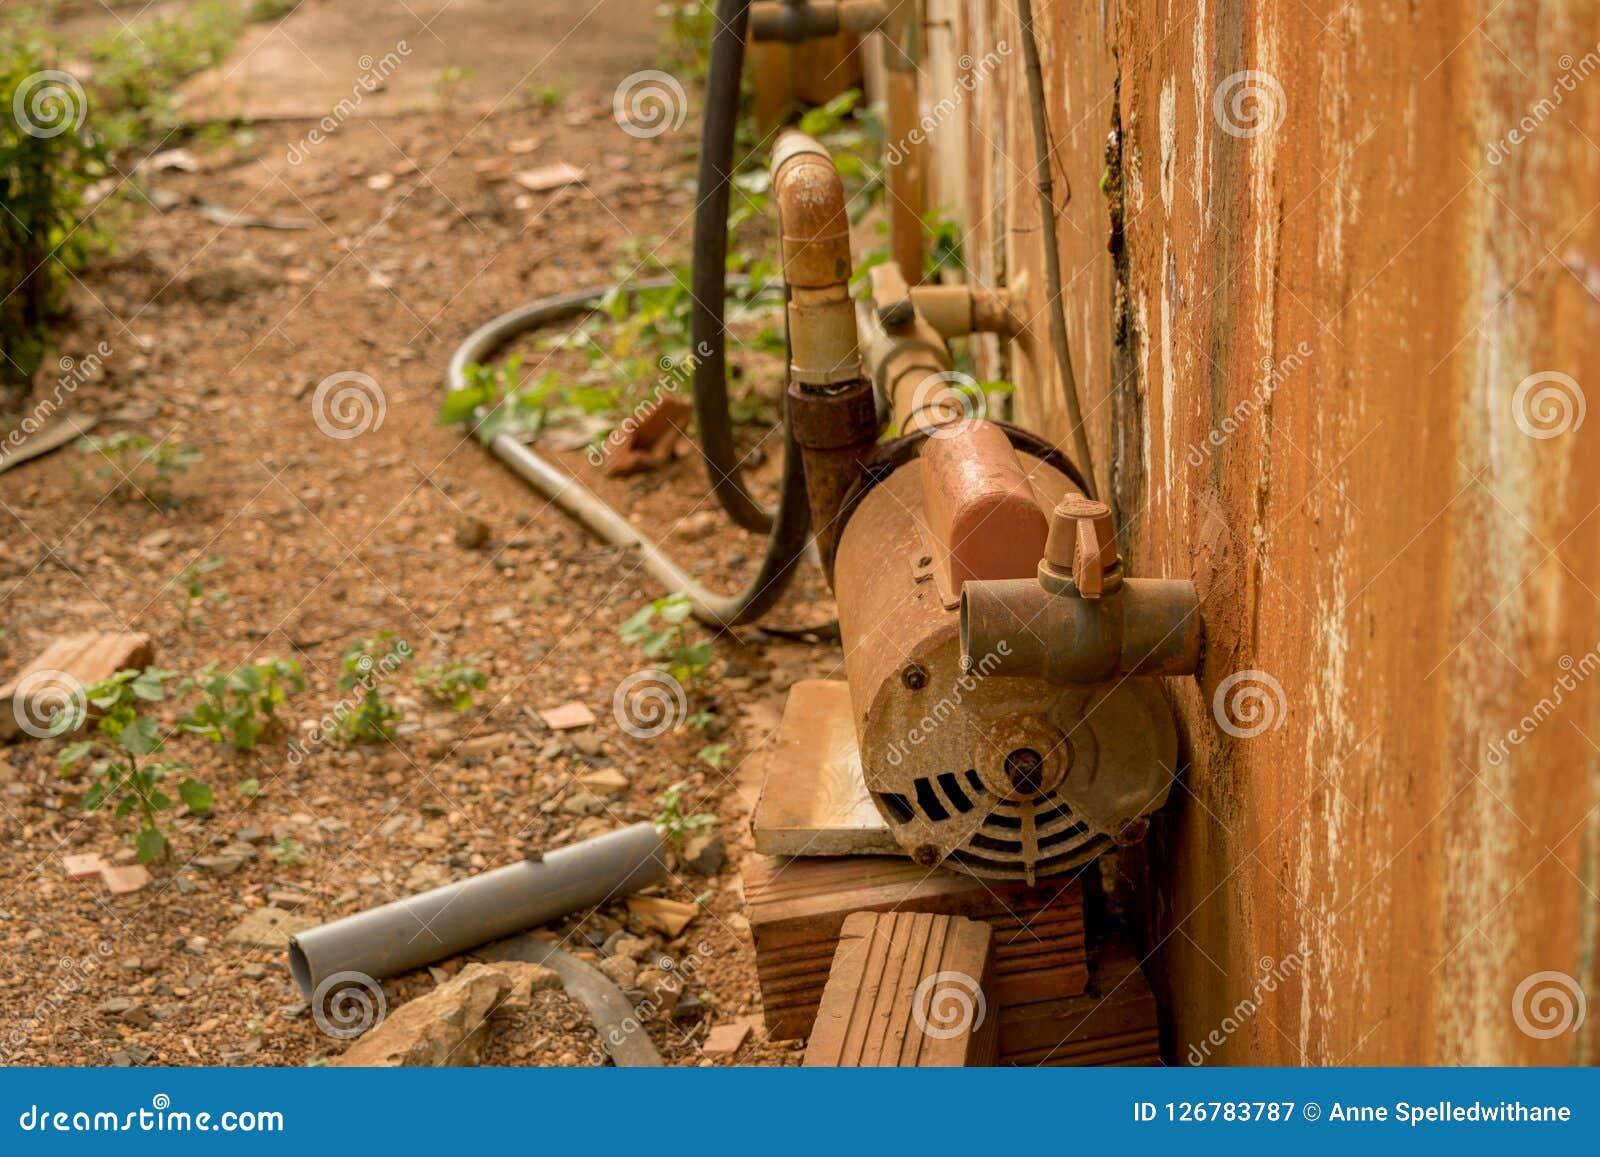 Verlaten Rusty Water Turbine Generator - Beschimmeld Gepeld Beton